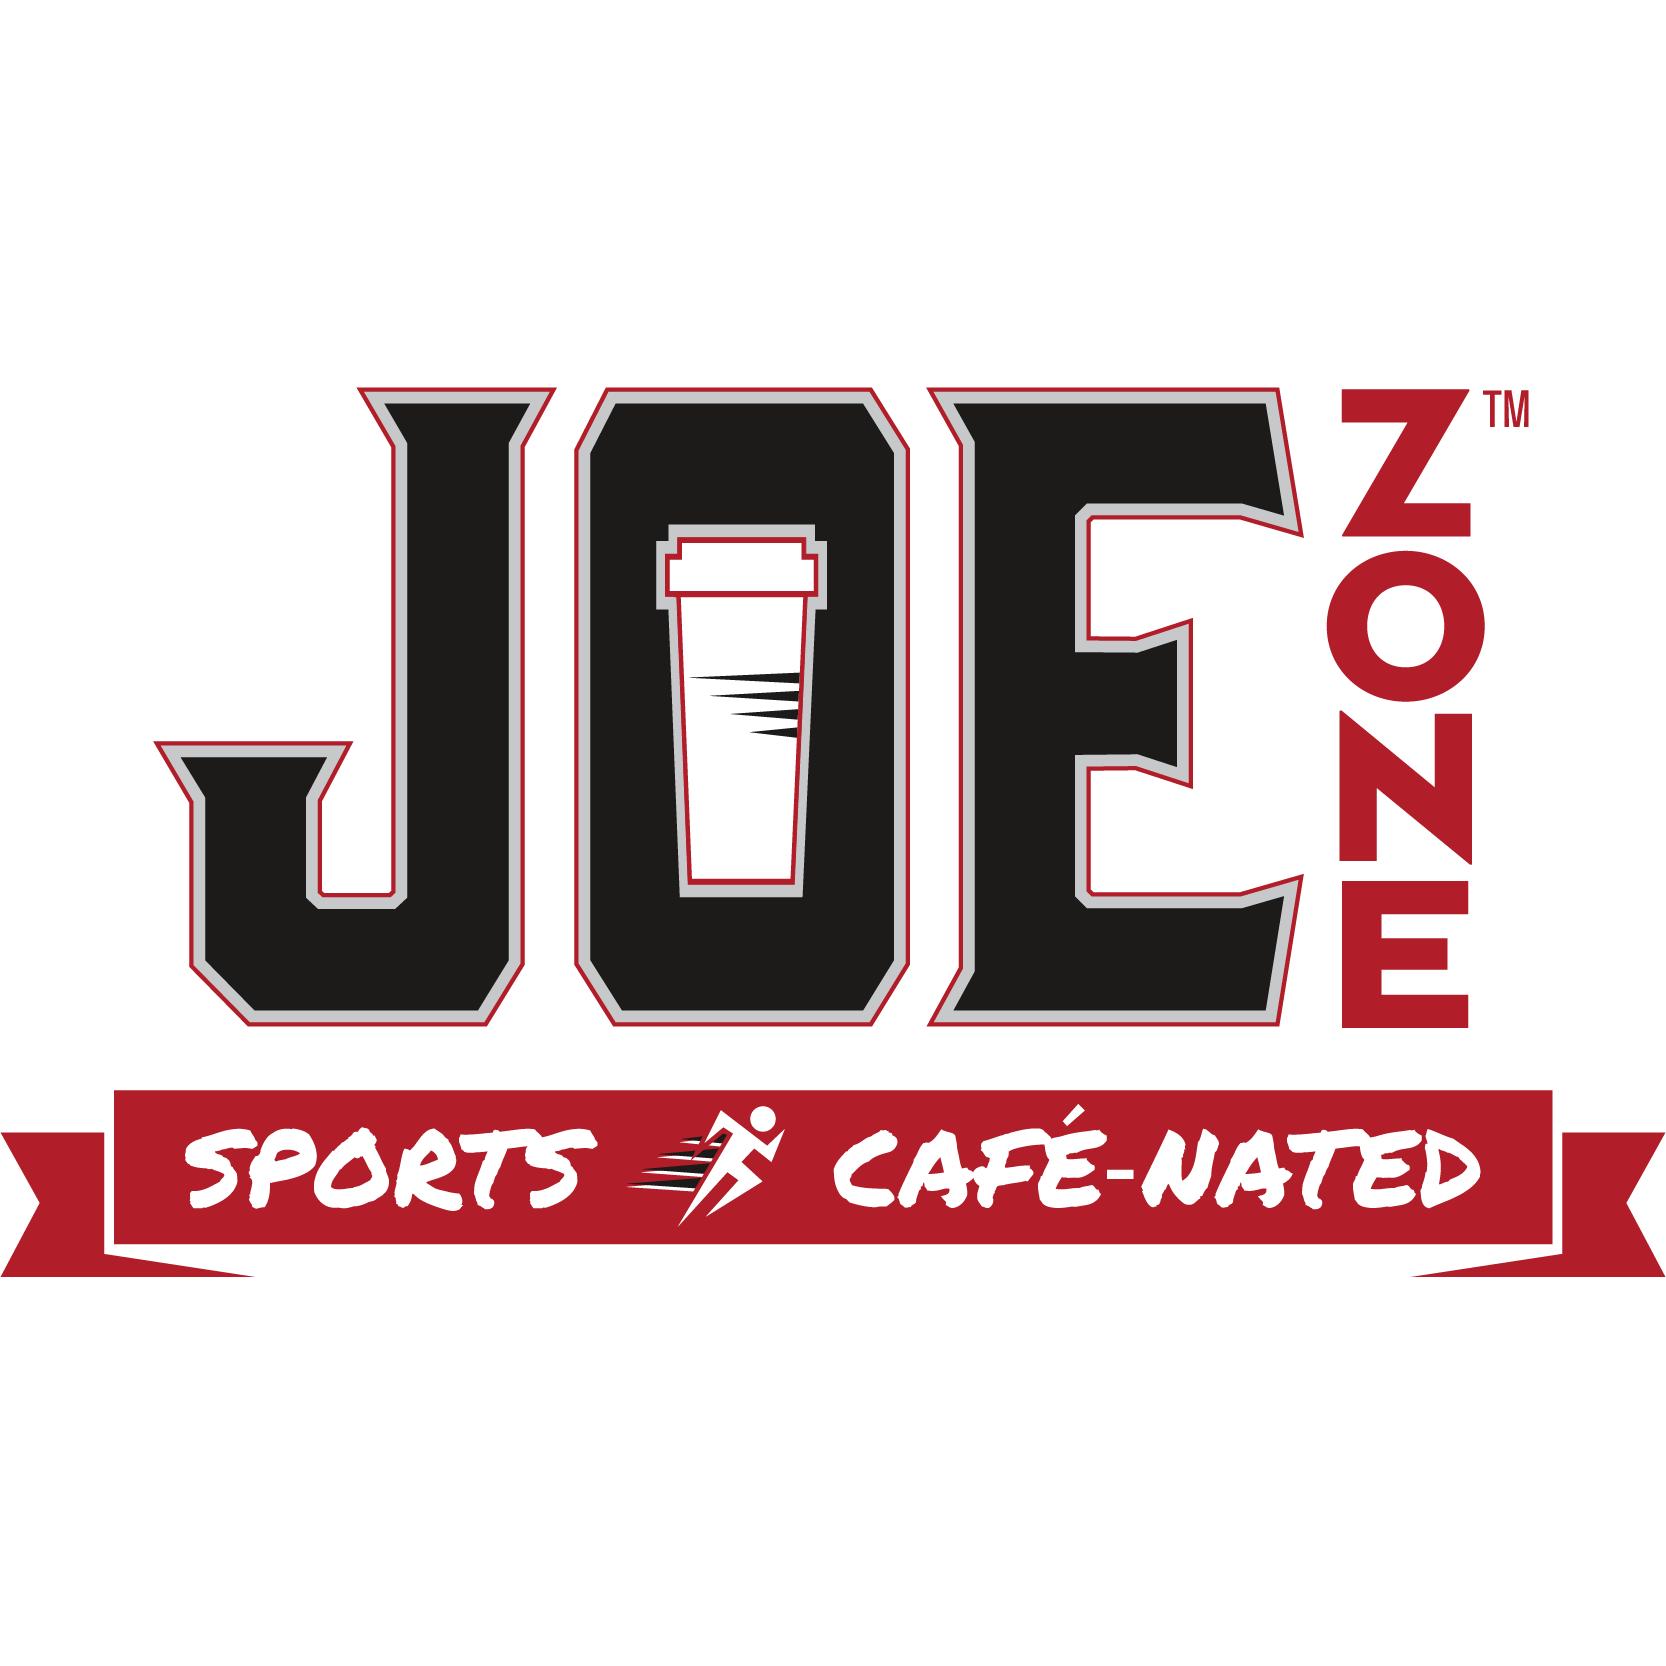 Joe Zone LLC